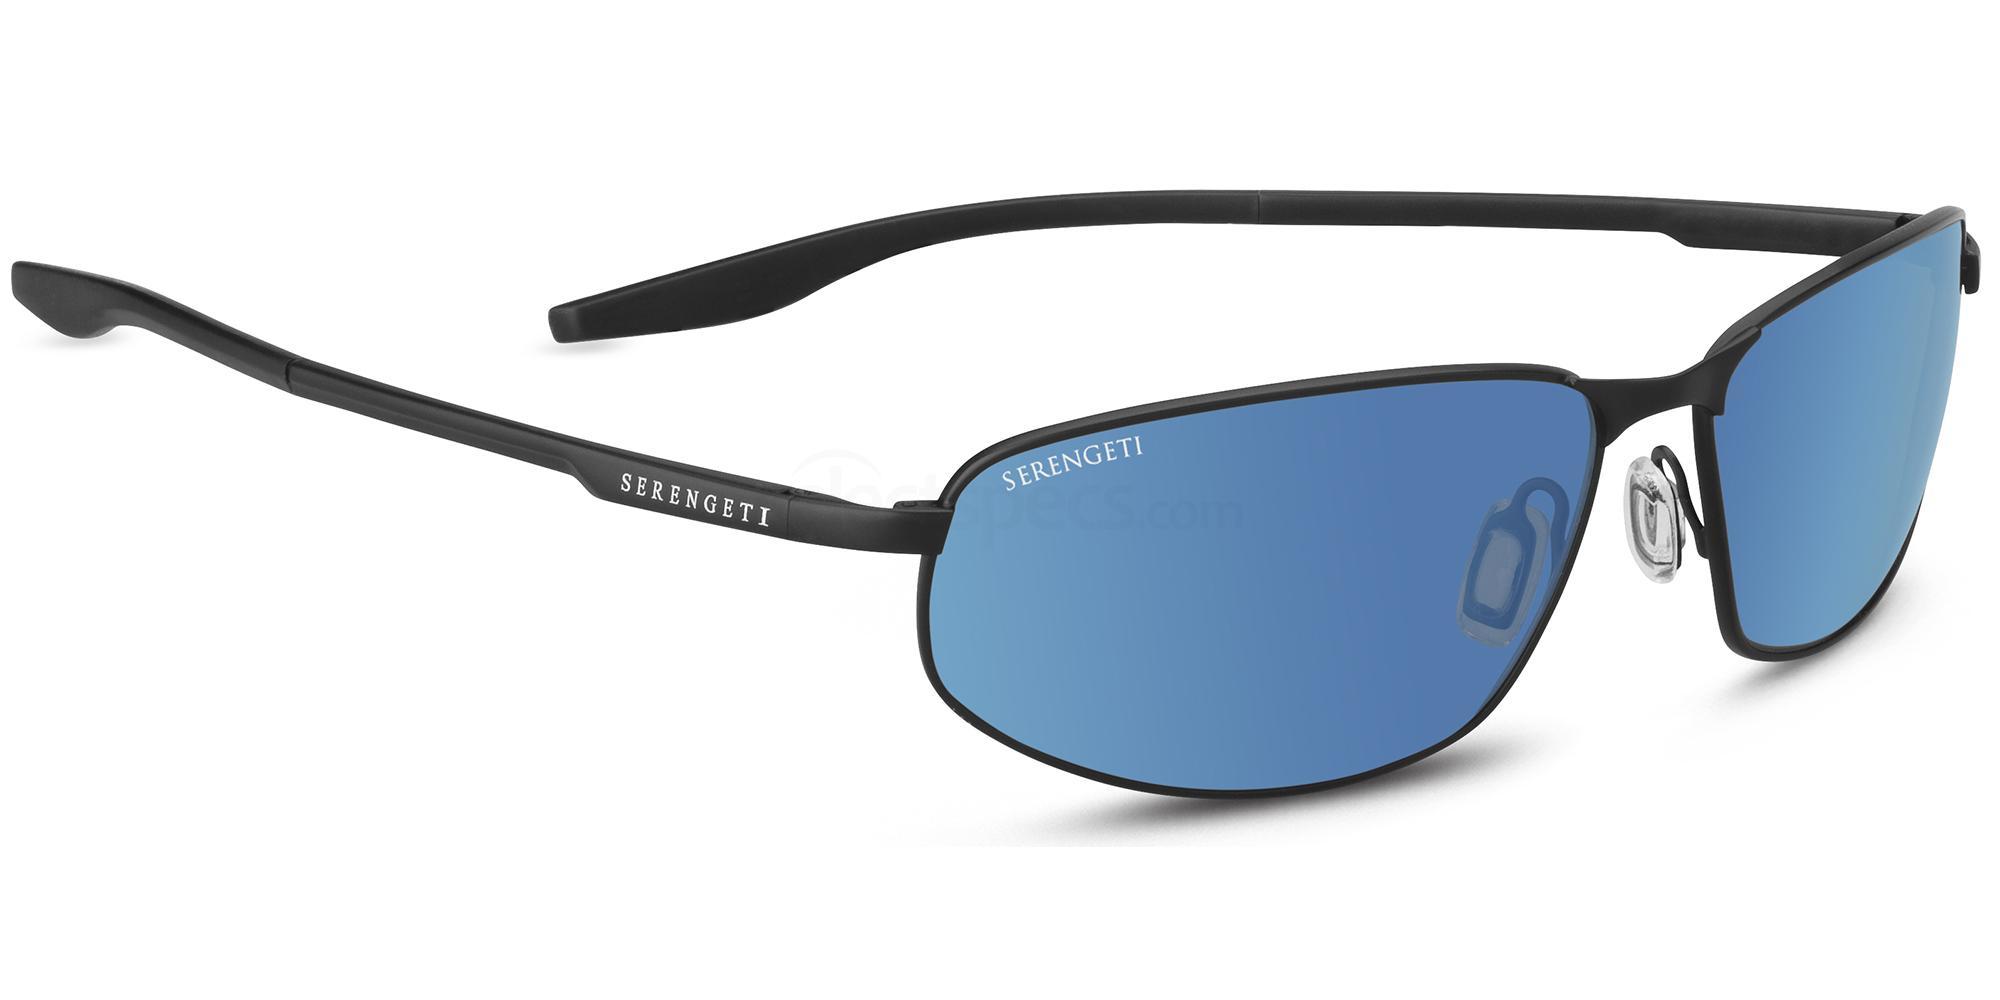 8725 MATERA Sunglasses, Serengeti